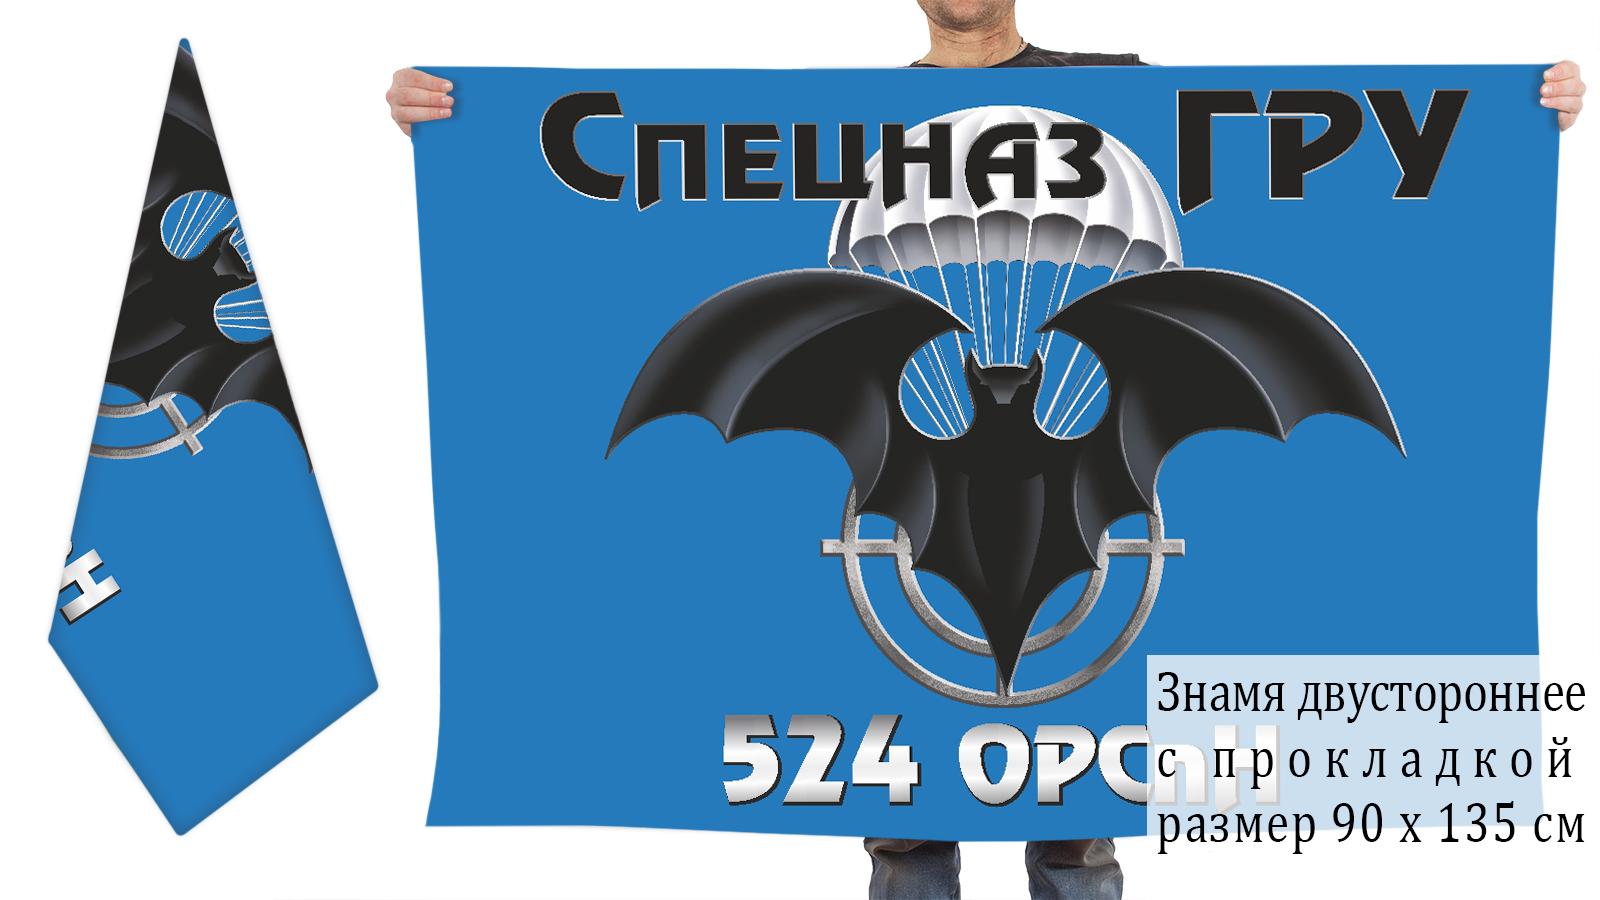 Двусторонний флаг 524 ООСпН спецназа ГРУ